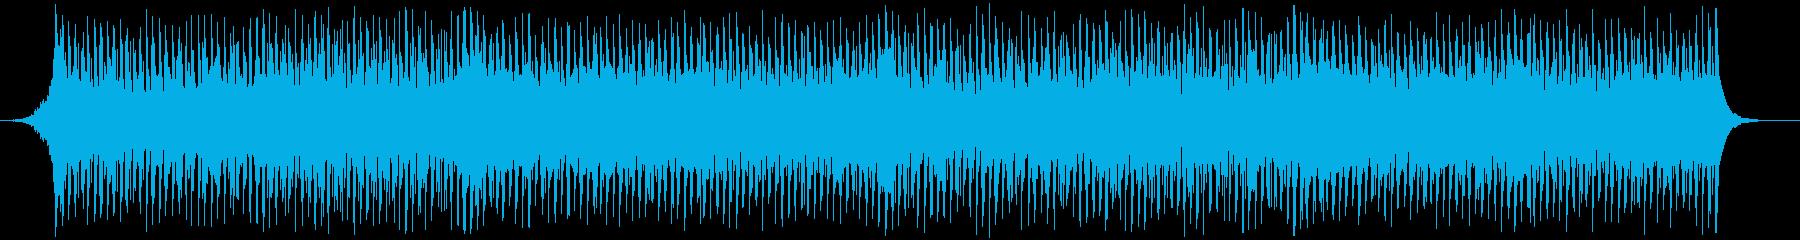 4つ打ちキックの軽快で明るいテクノ。の再生済みの波形